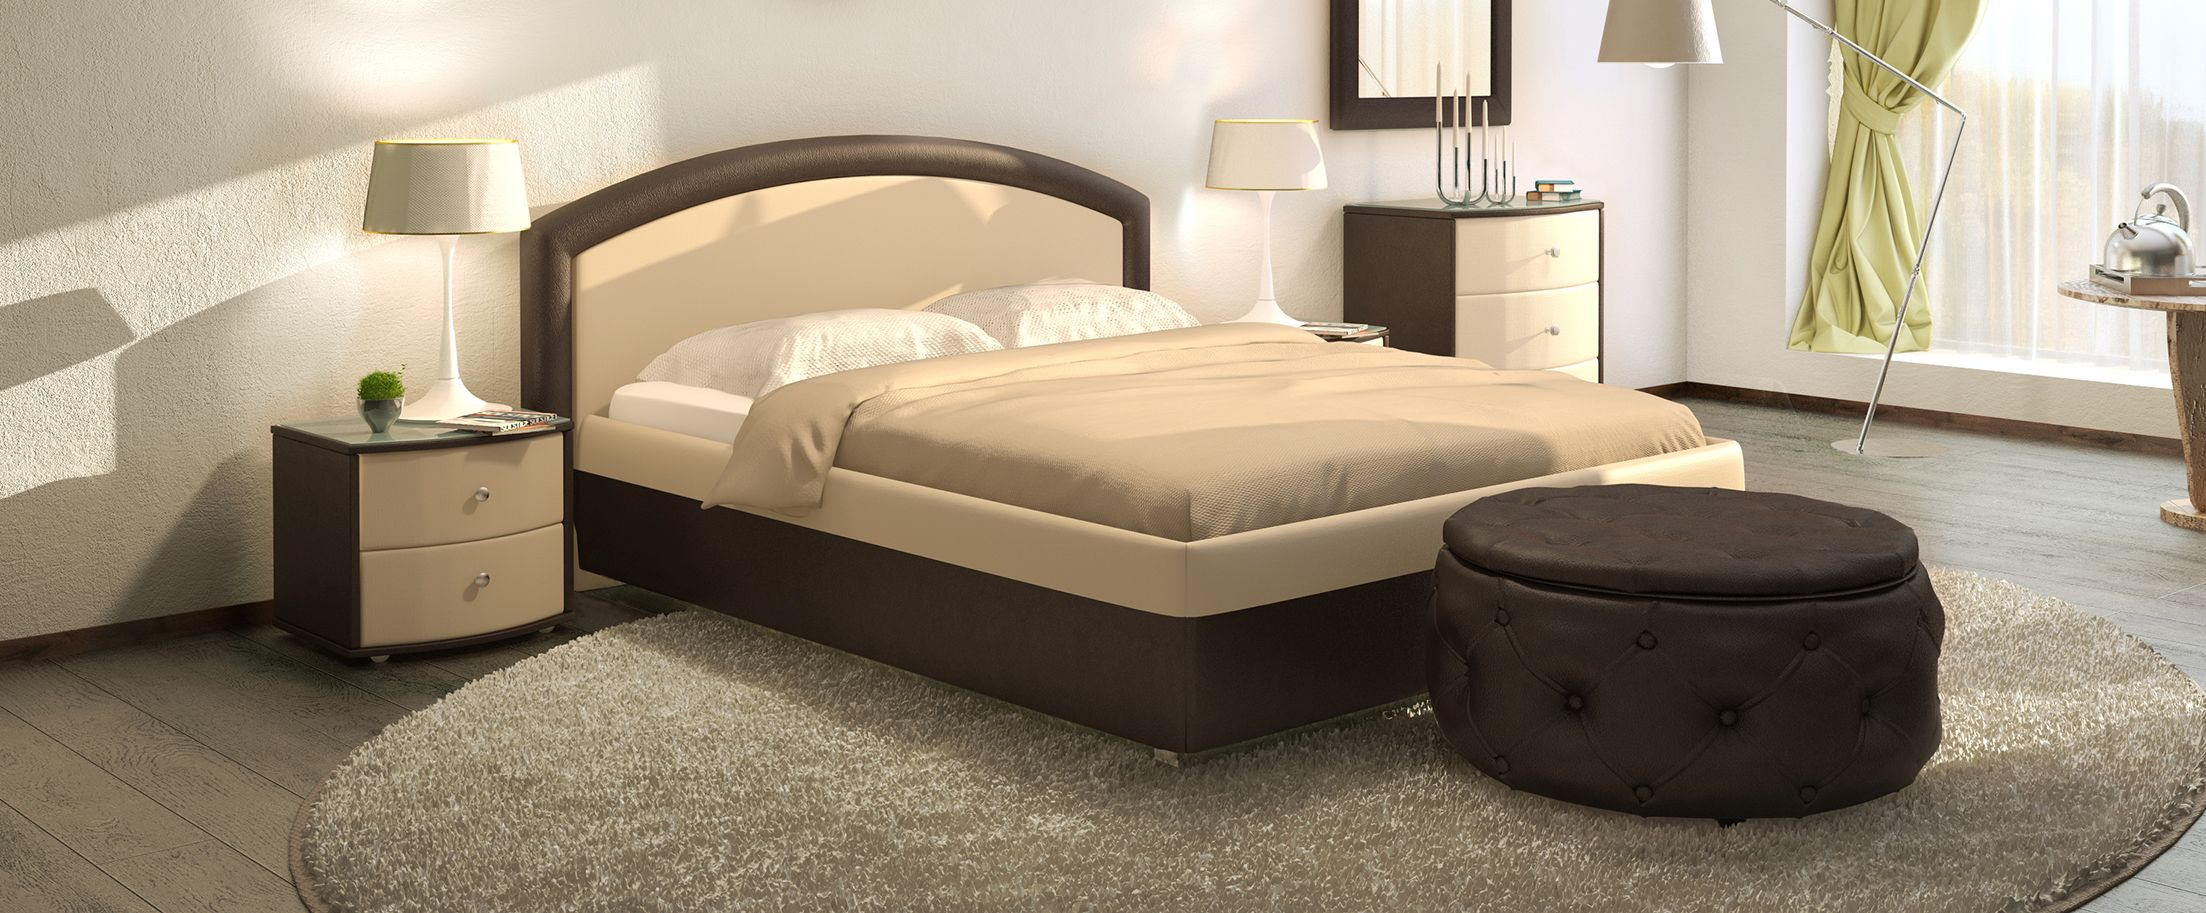 Кровать двуспальная Мирабель Модель 379Восхитительная кровать Мирабель – это истинное воплощение величественной элегантности. Сочетание контрастных обивочных материалов позволяет идеально вписать кровать в любой интерьер.<br><br>Ширина см: 169<br>Глубина см: 211<br>Высота см: 100<br>Ширина спального места см: 140<br>Глубина спального места см: 200<br>Подъемный механизм: Есть<br>Материал каркаса: ДСП<br>Материал обивки: Экокожа<br>Цвет: Бежевый, Коричневый<br>Код ткани: Рожь, Кофе